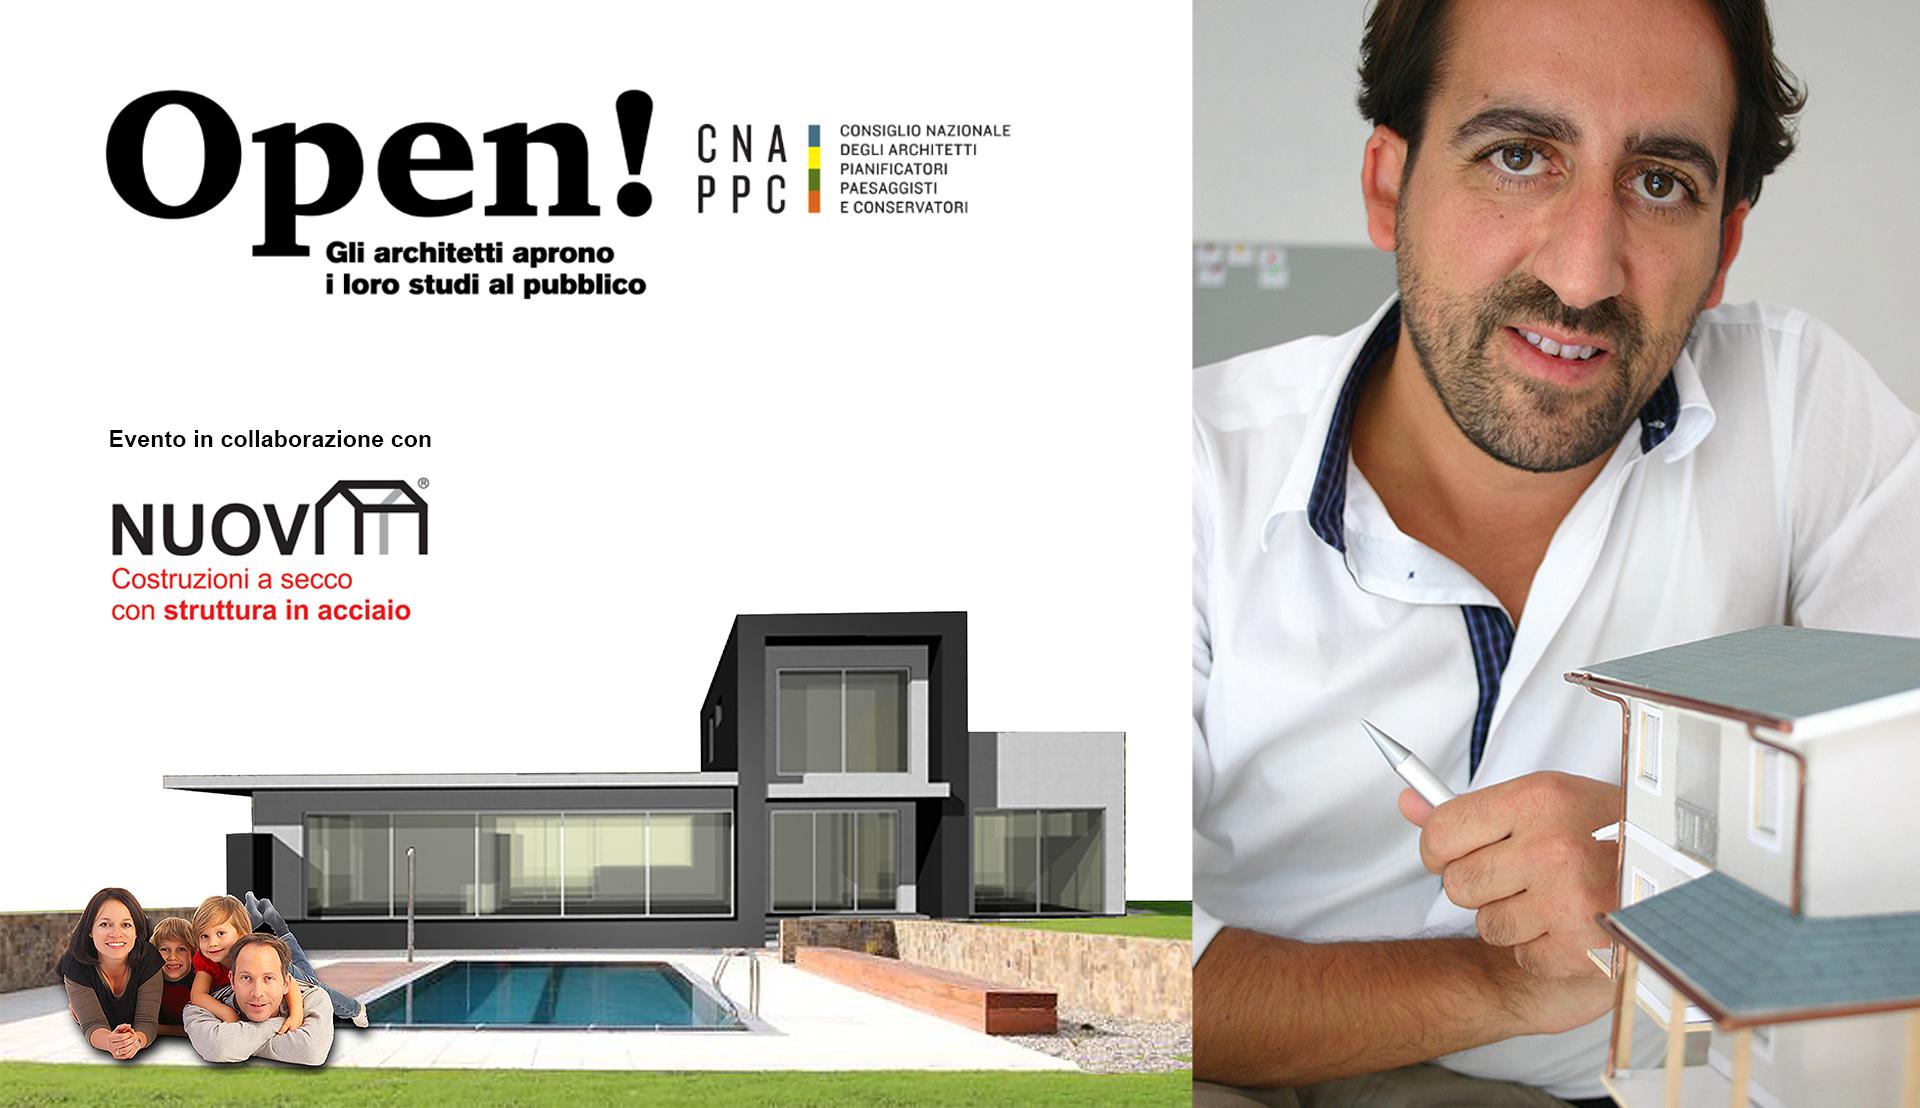 Foto dell'architetto Claudio D'Onofrio e di un progetto di villa in stile moderno